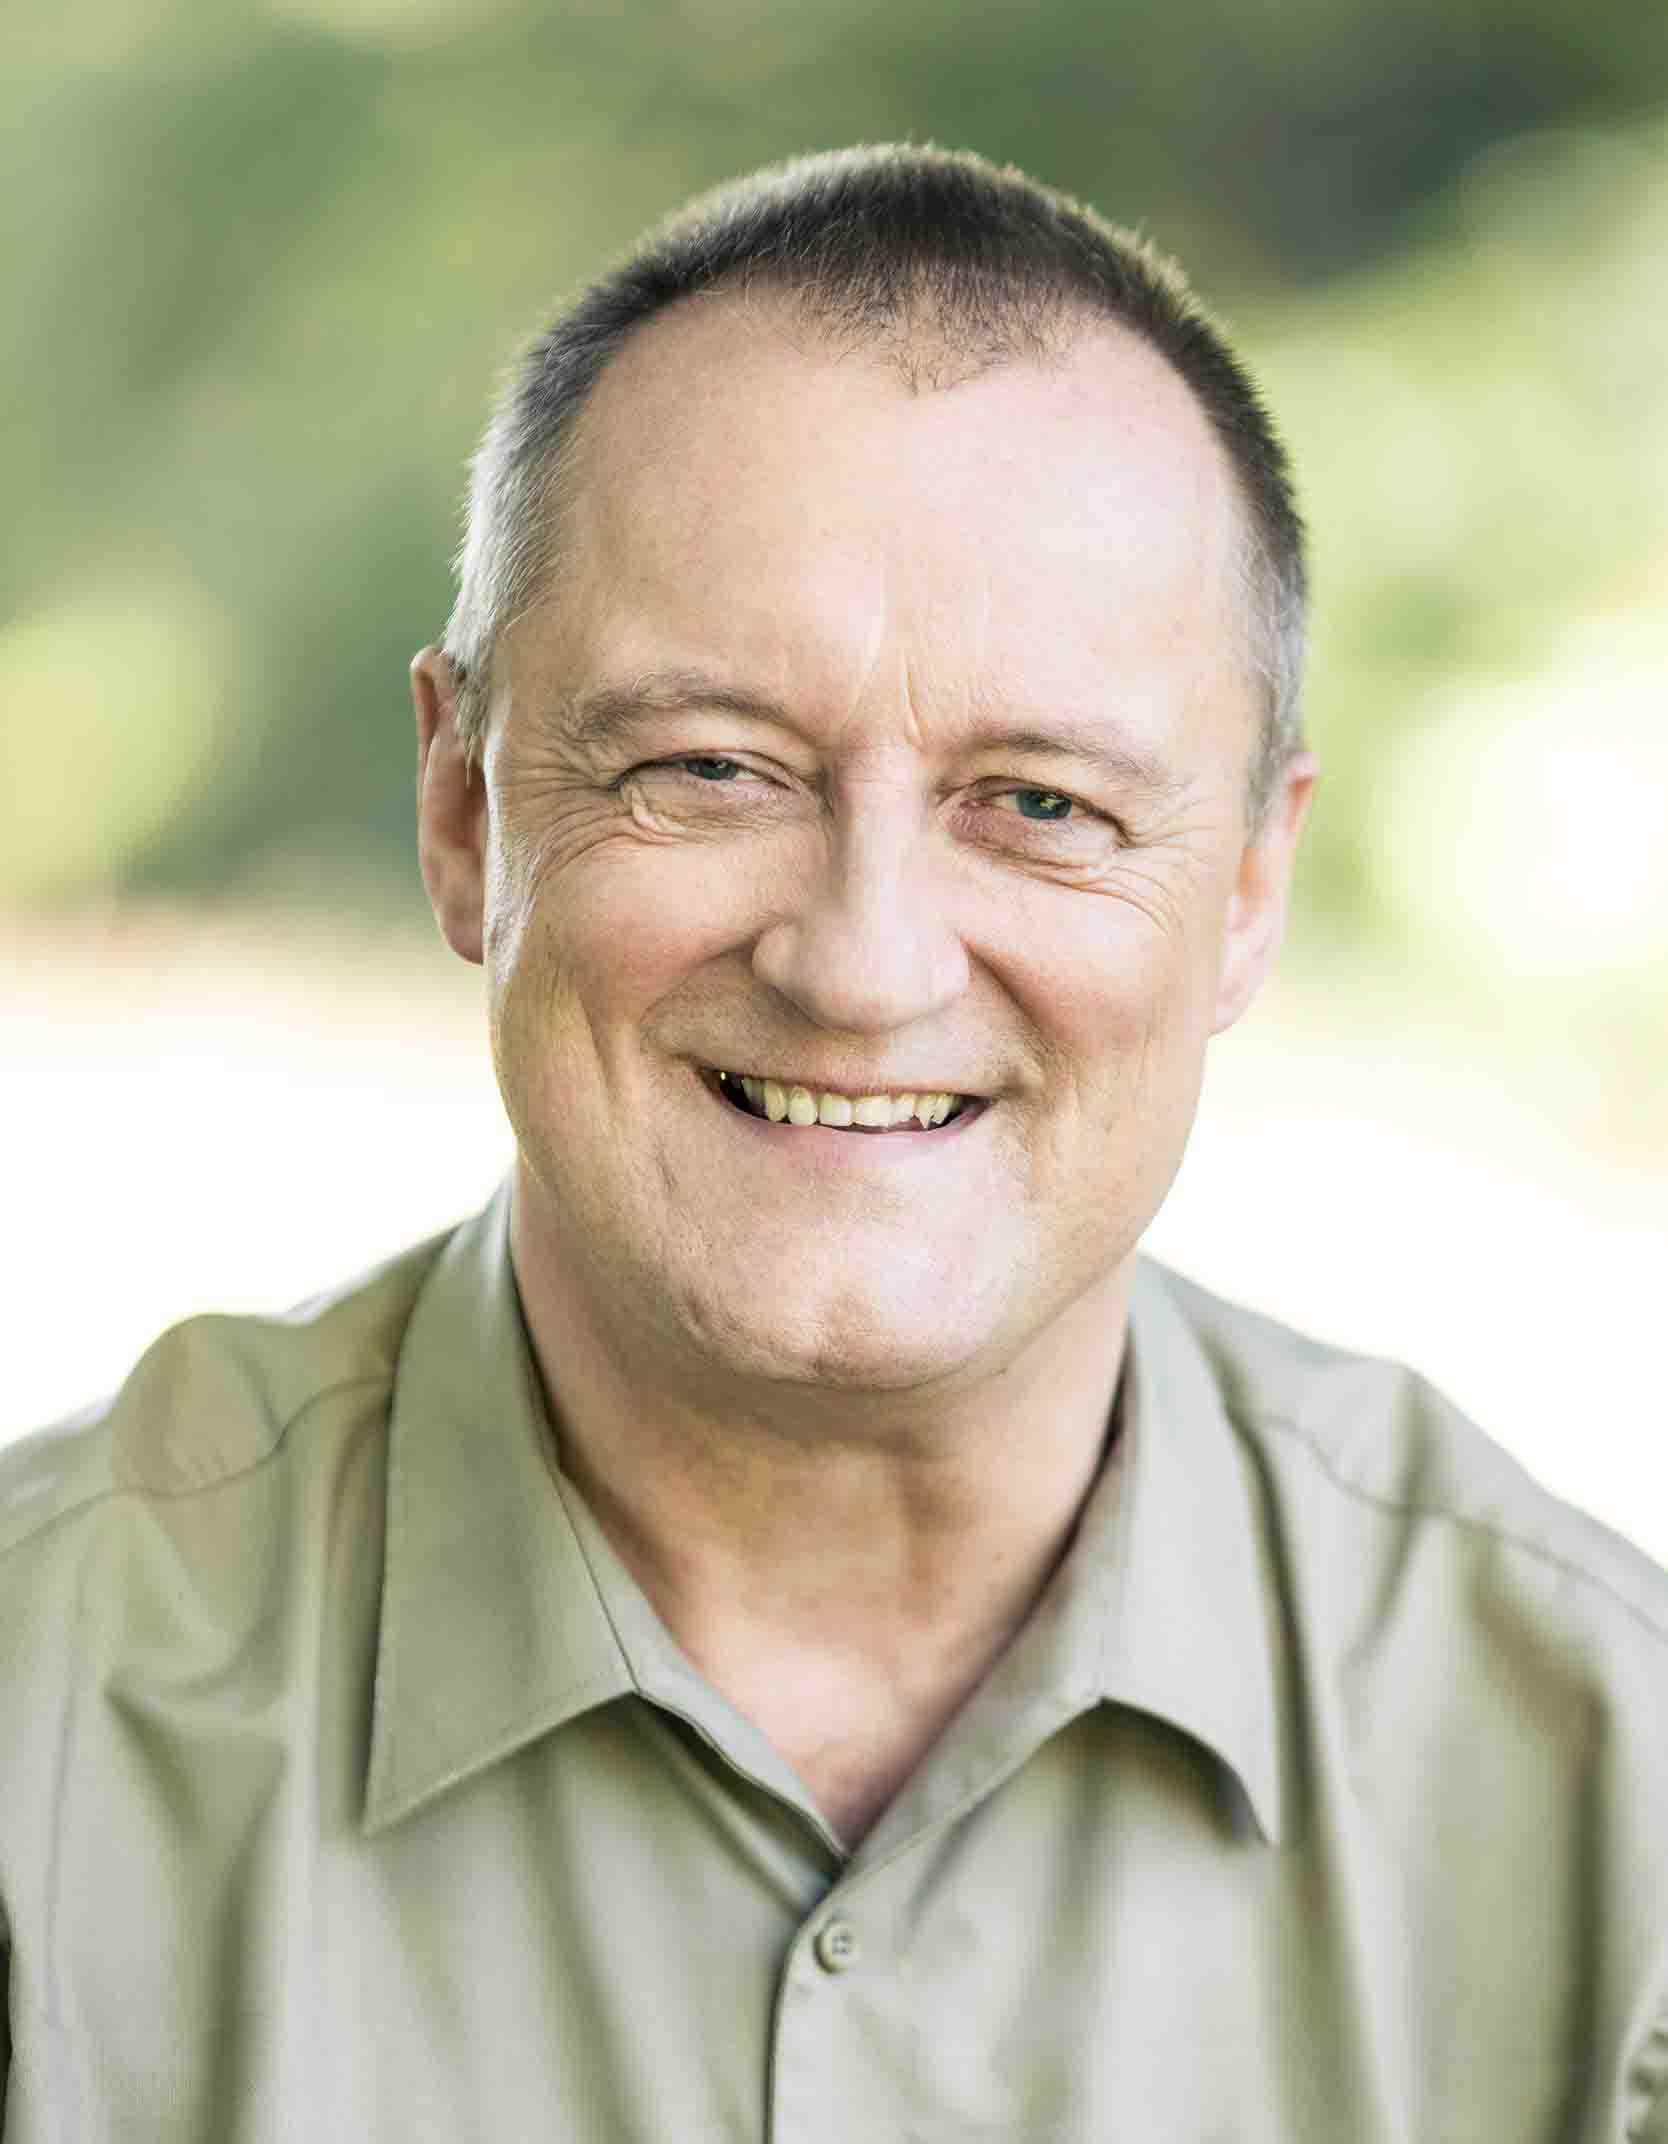 Sören Paulsen Pflegedienstleiter der MEDIAN Klinik St. Georg Bad Dürrheim